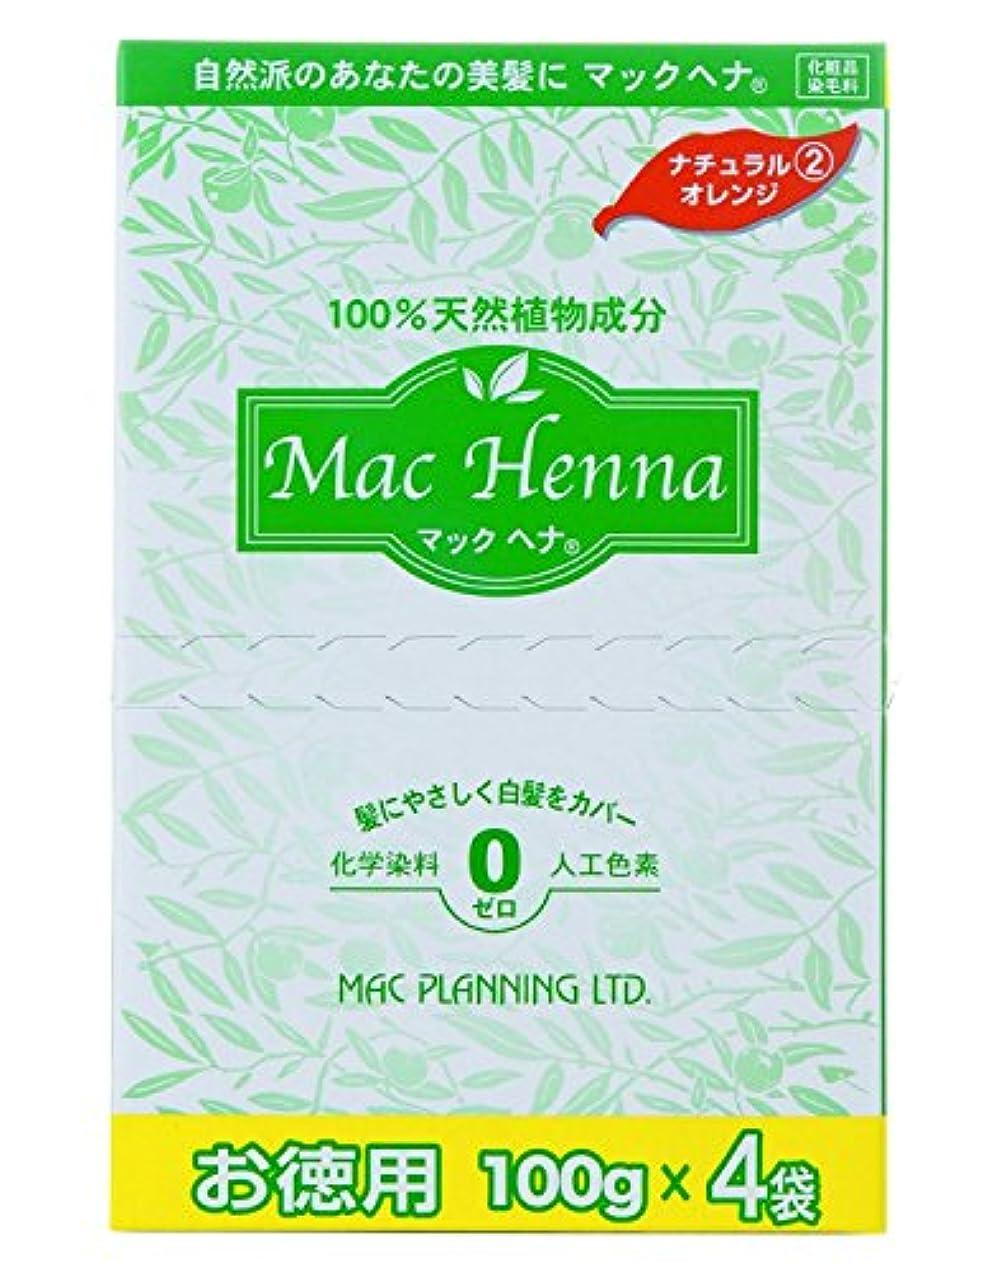 試験一次優先権マックヘナ お徳用(ナチュラルオレンジ)-2 400g(100g×4袋)